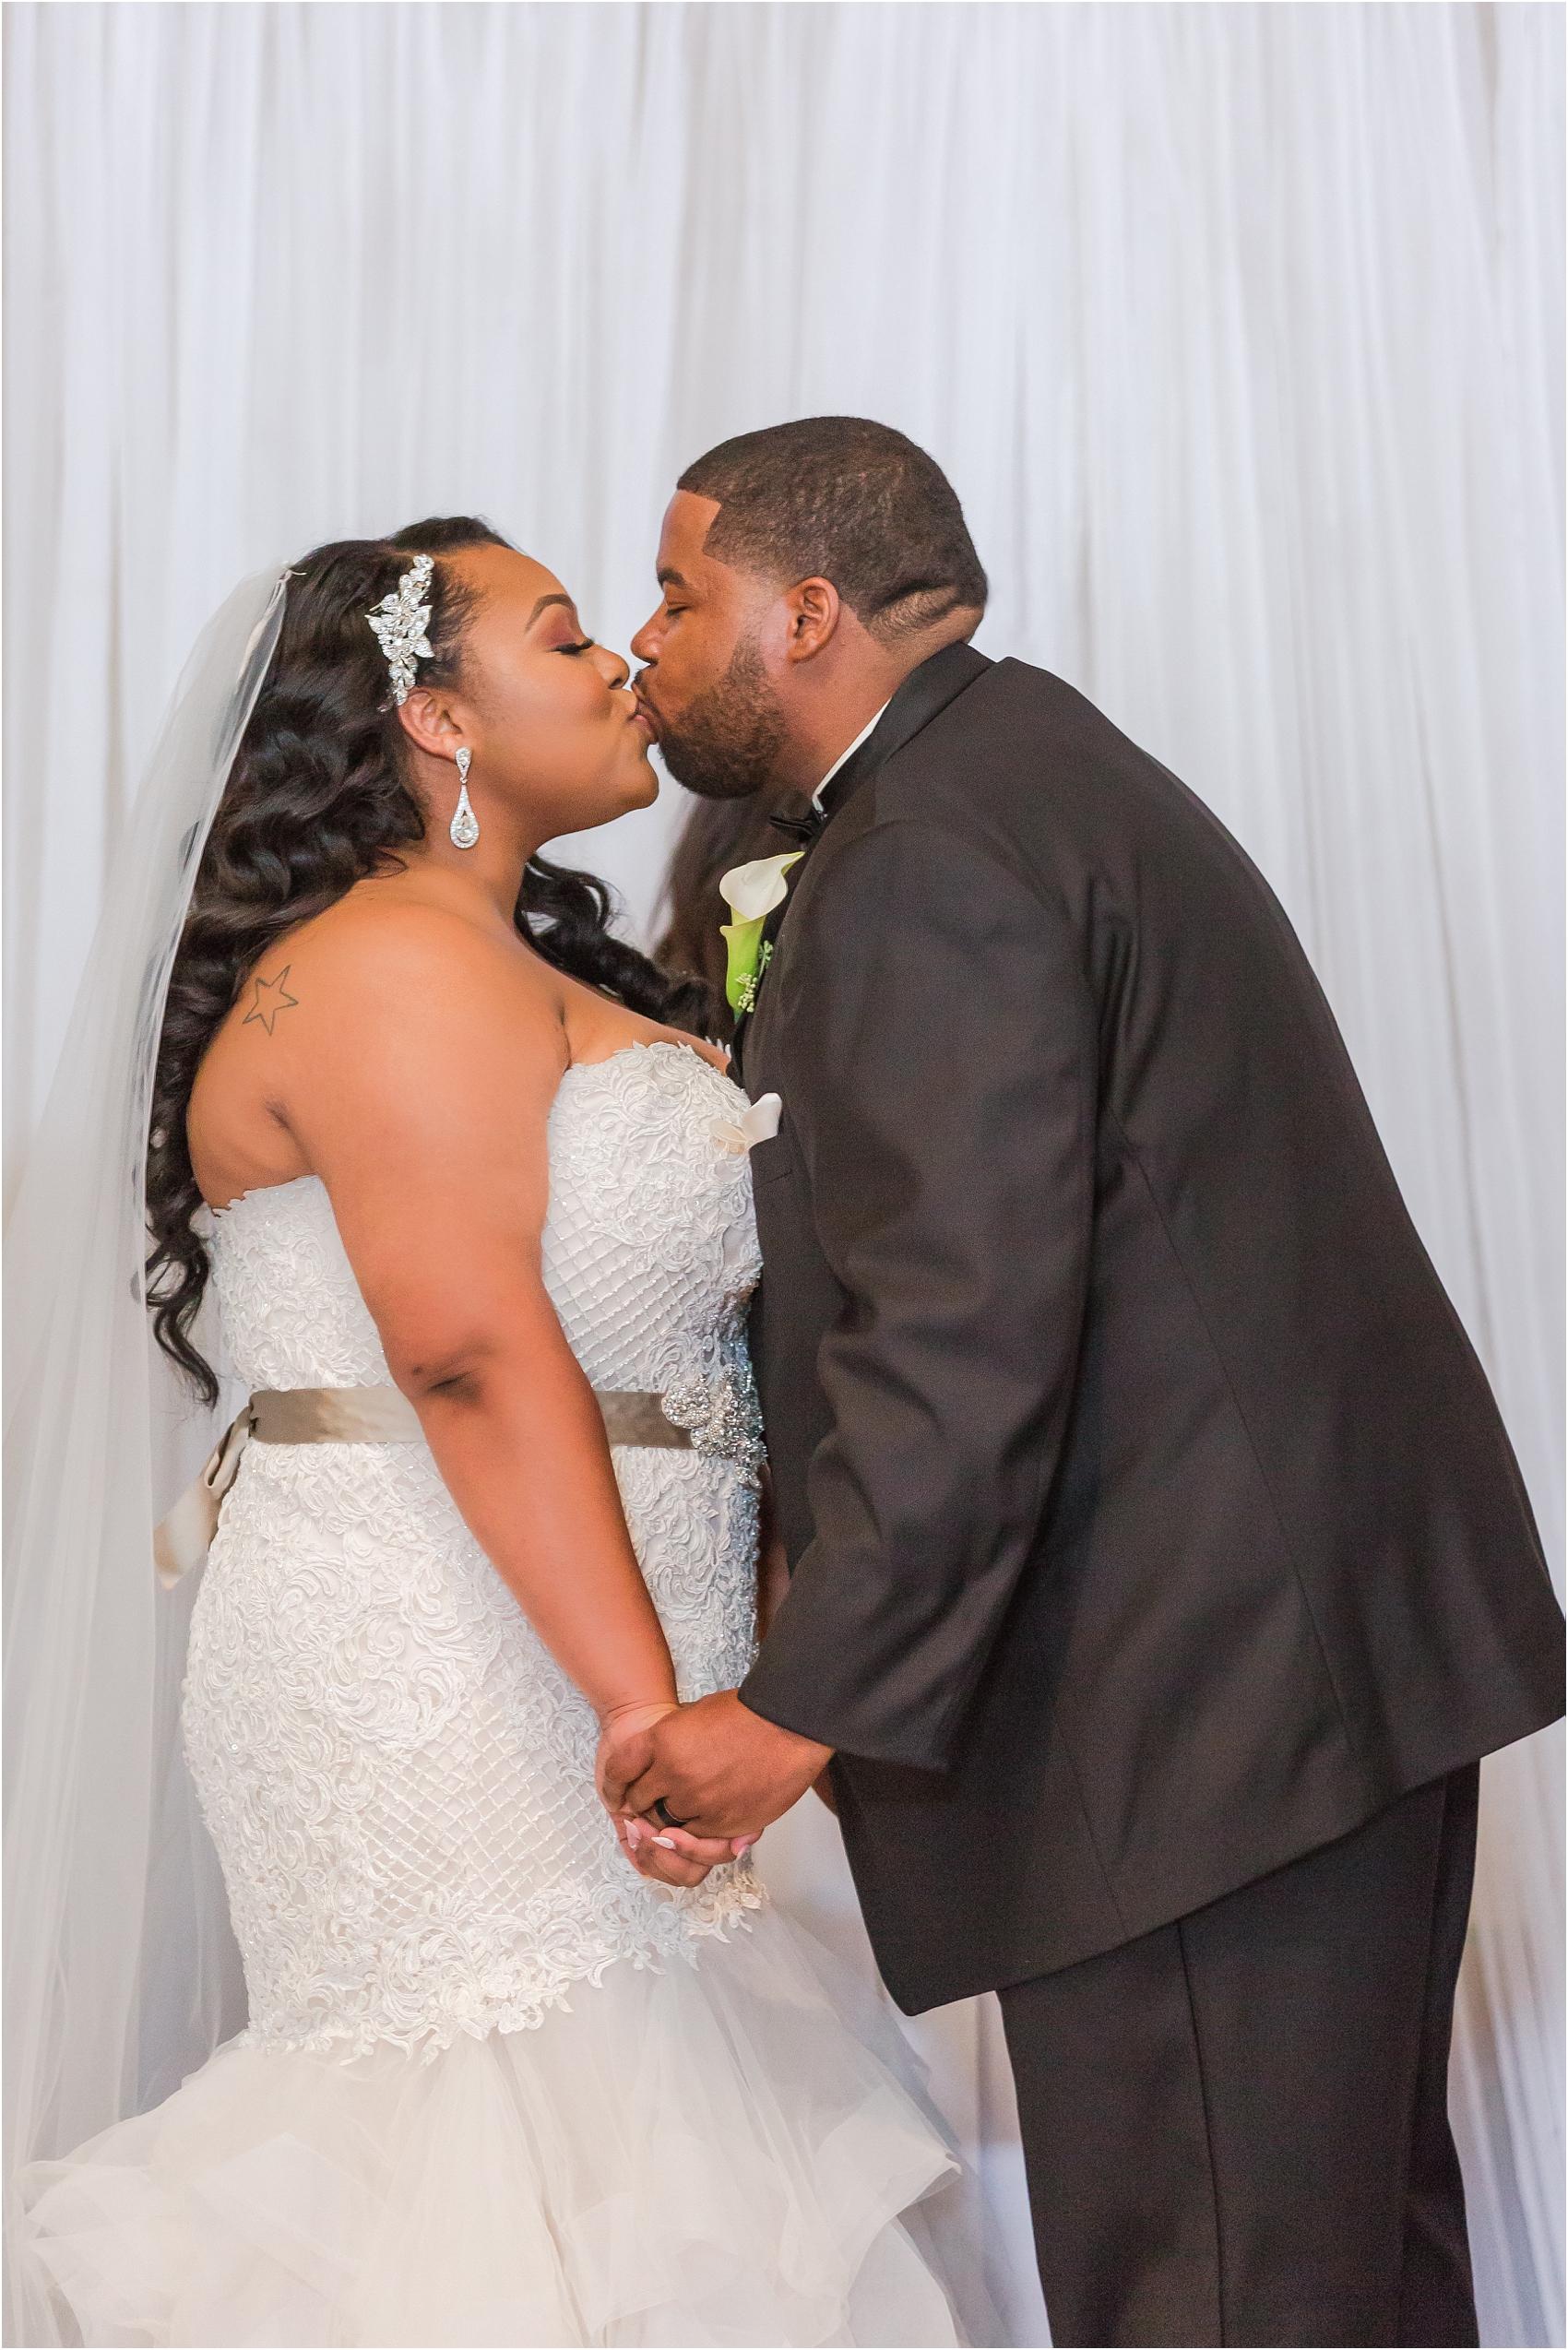 minimalist-and-modern-wedding-photos-at-30-north-saginaw-in-pontiac-michigan-by-courtney-carolyn-photography_0047.jpg